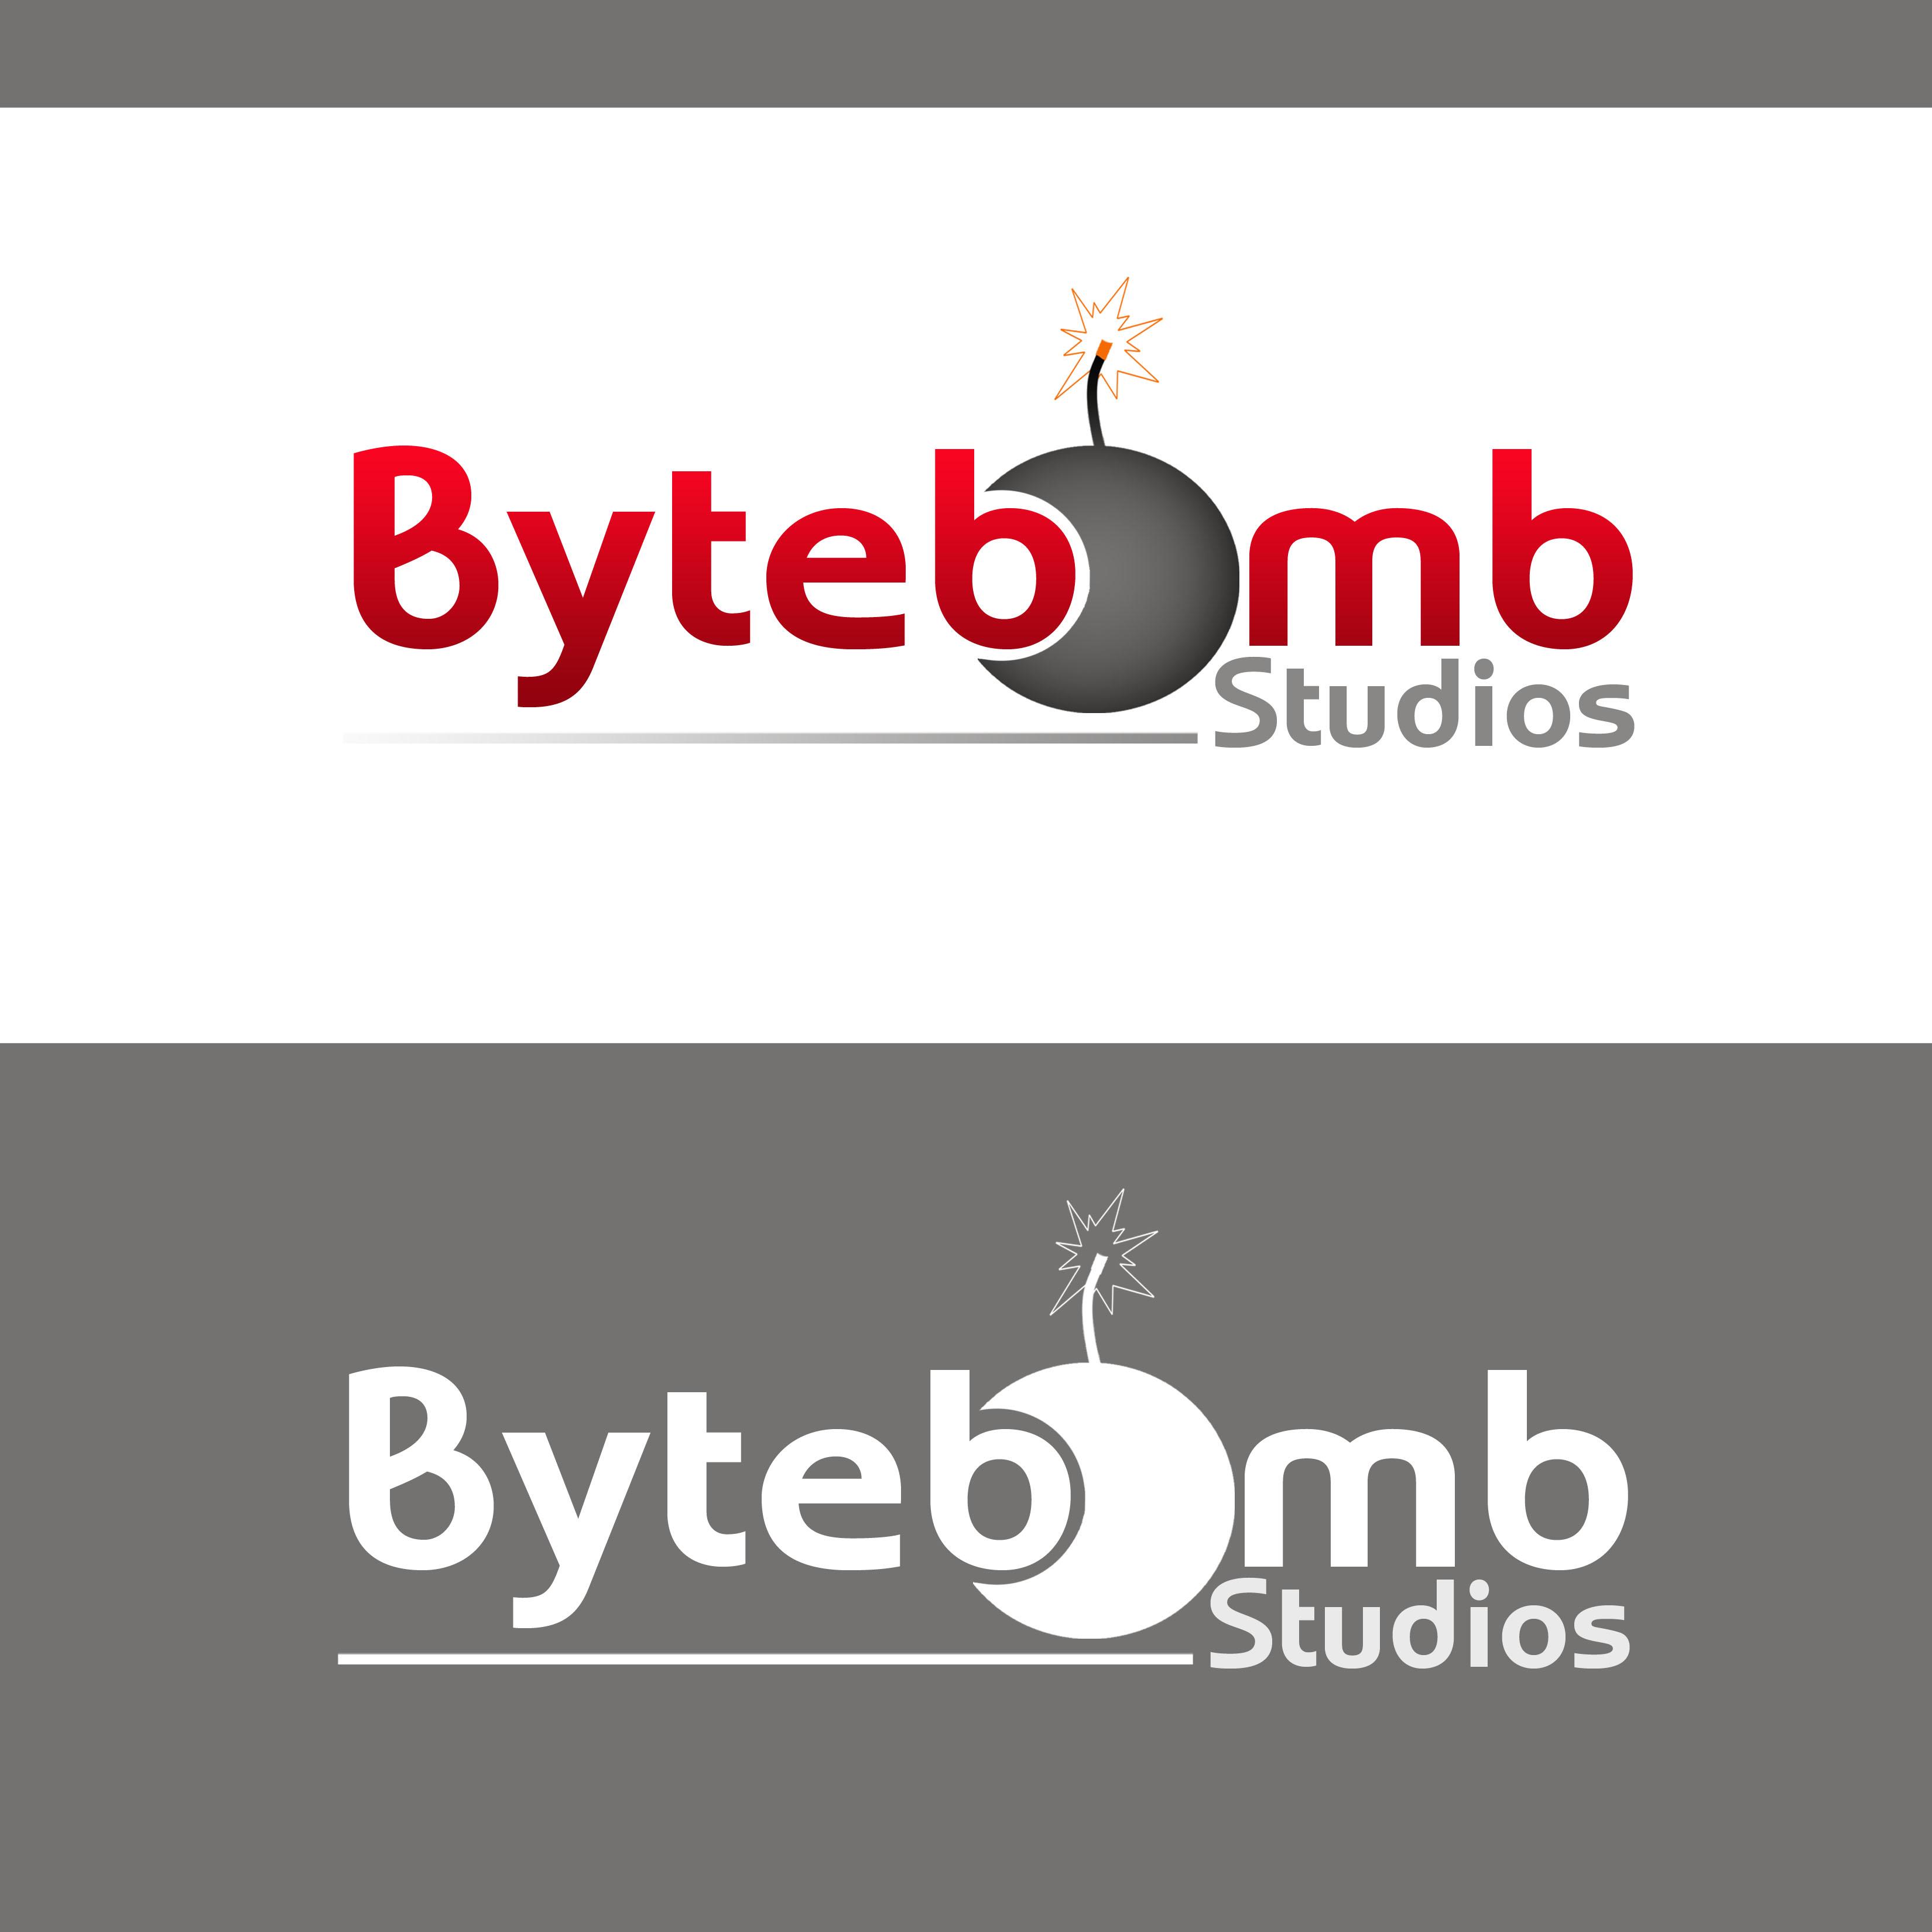 Logo Design by Allan Esclamado - Entry No. 41 in the Logo Design Contest Captivating Logo Design for ByteBomb Studios.